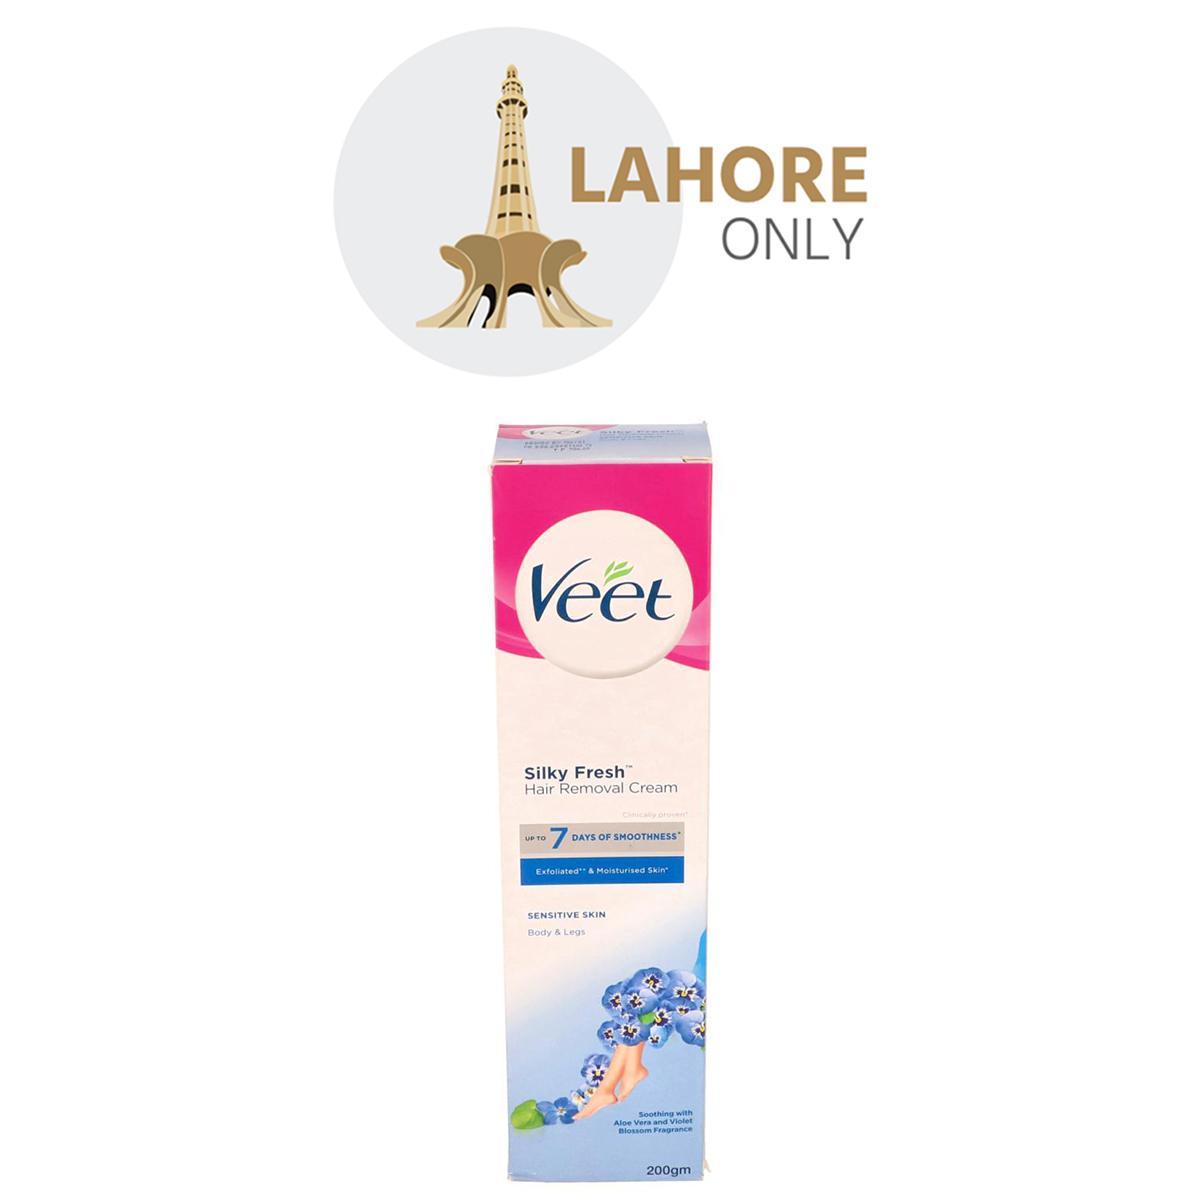 Veet Hair Removal Price In Pakistan Veet Hair Removal